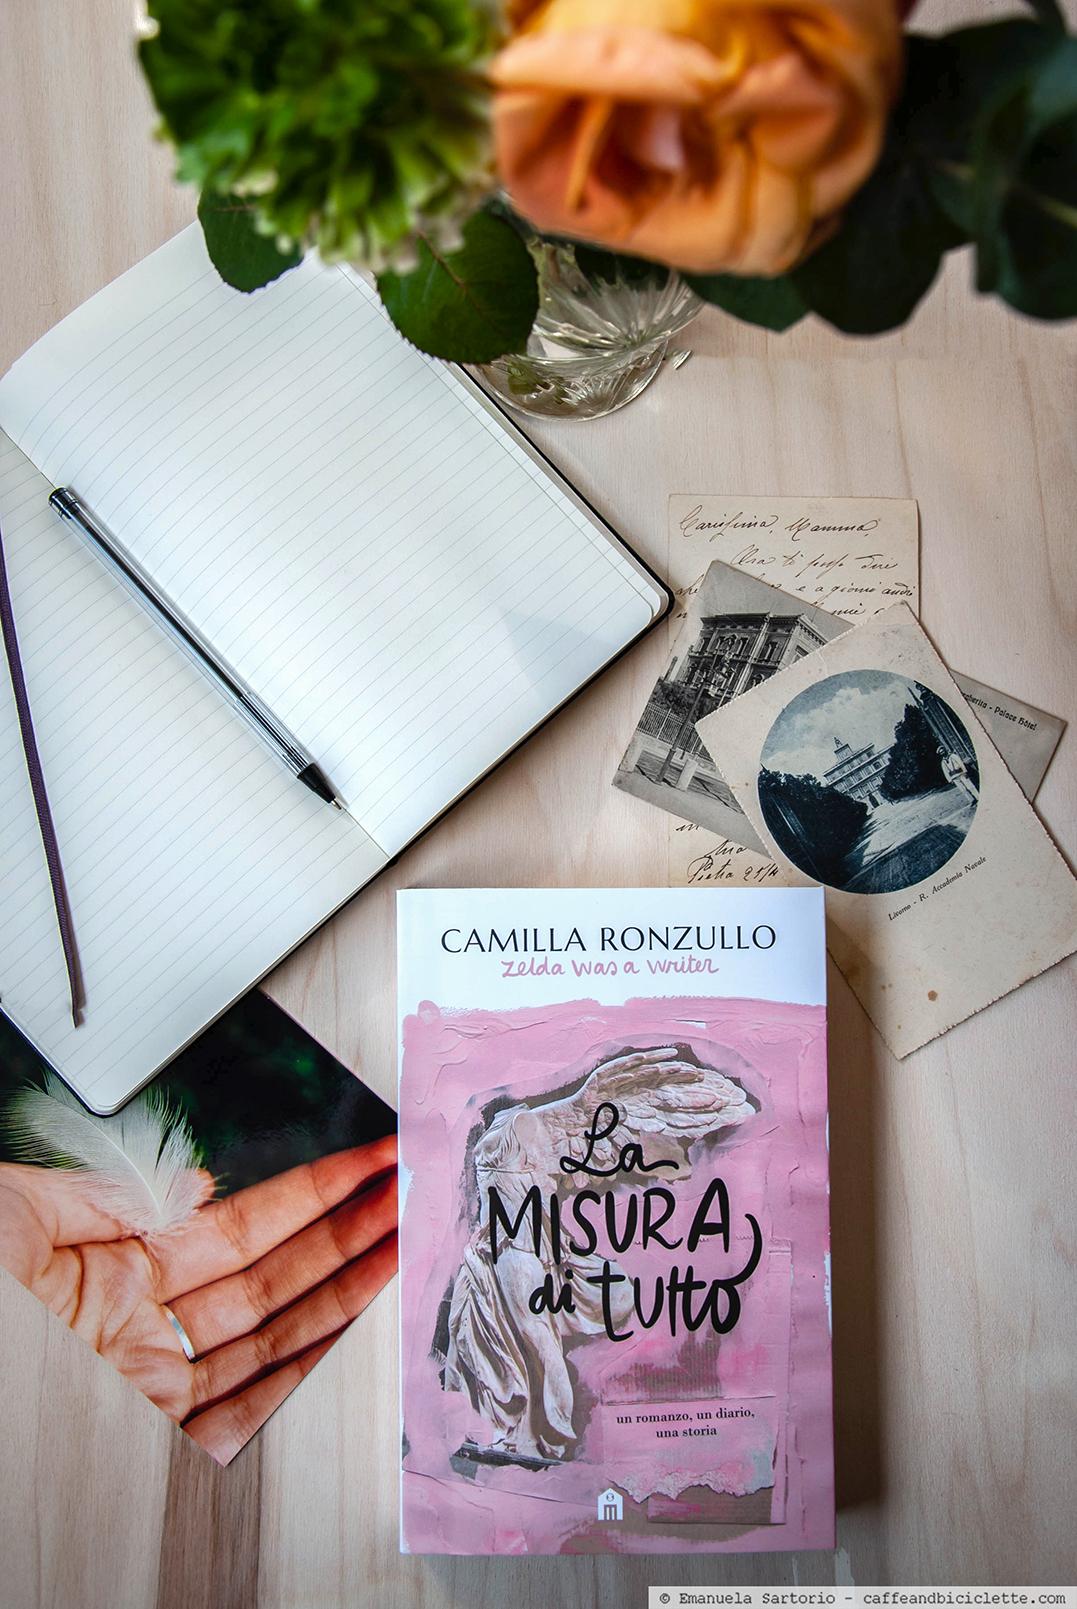 La misura di tutto, romanzo di Camilla Ronzullo.